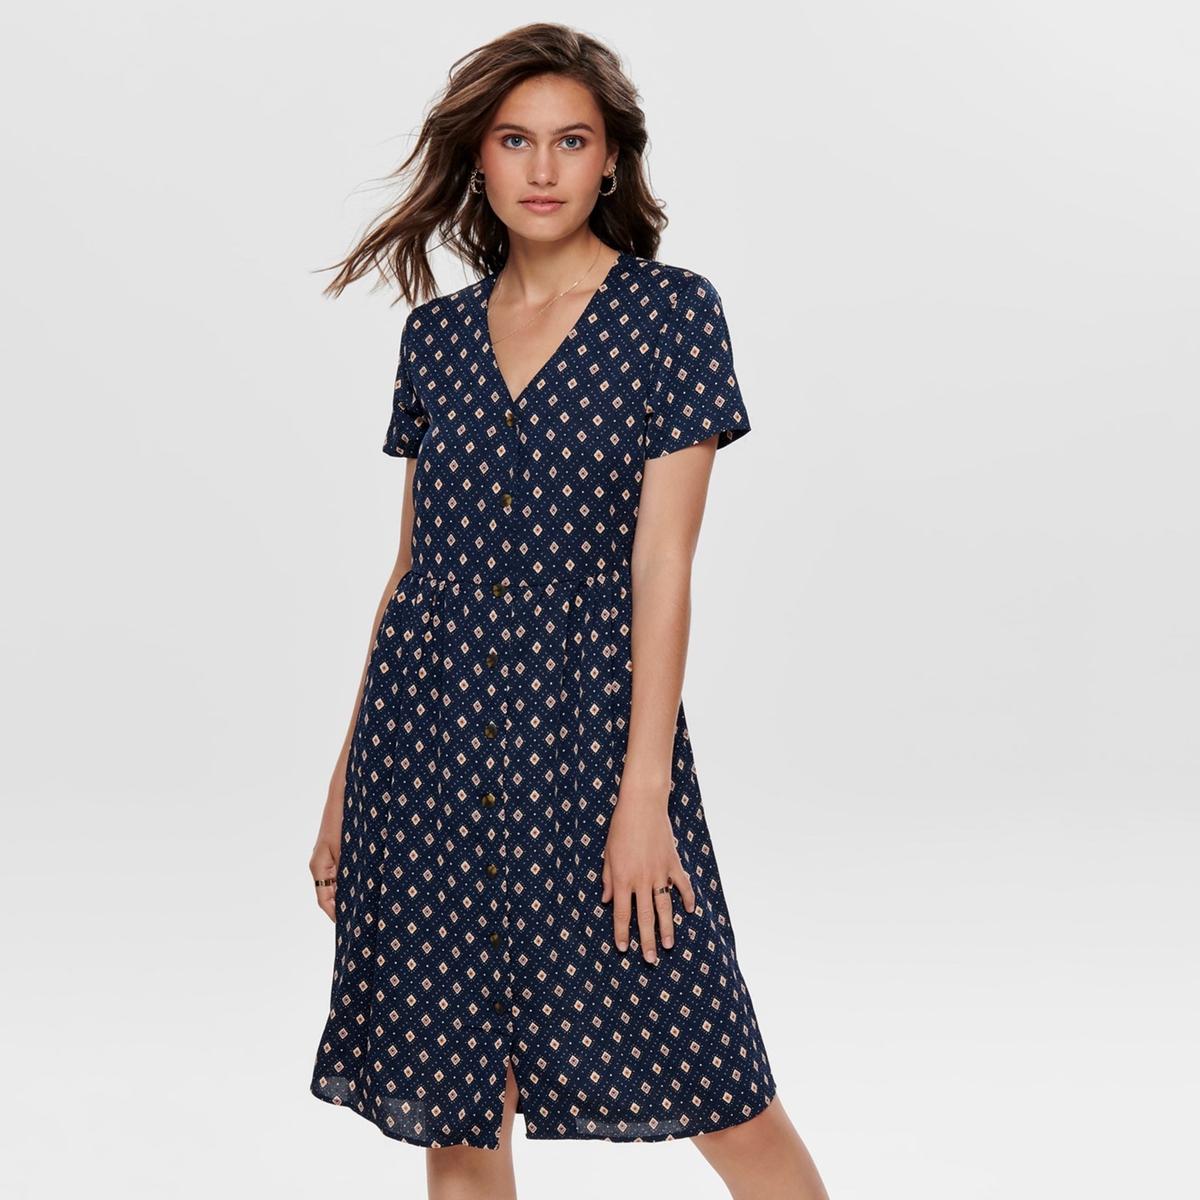 цена Платье La Redoute Короткое расклешенное с V-образным вырезом и графическим рисунком 40 (FR) - 46 (RUS) синий онлайн в 2017 году